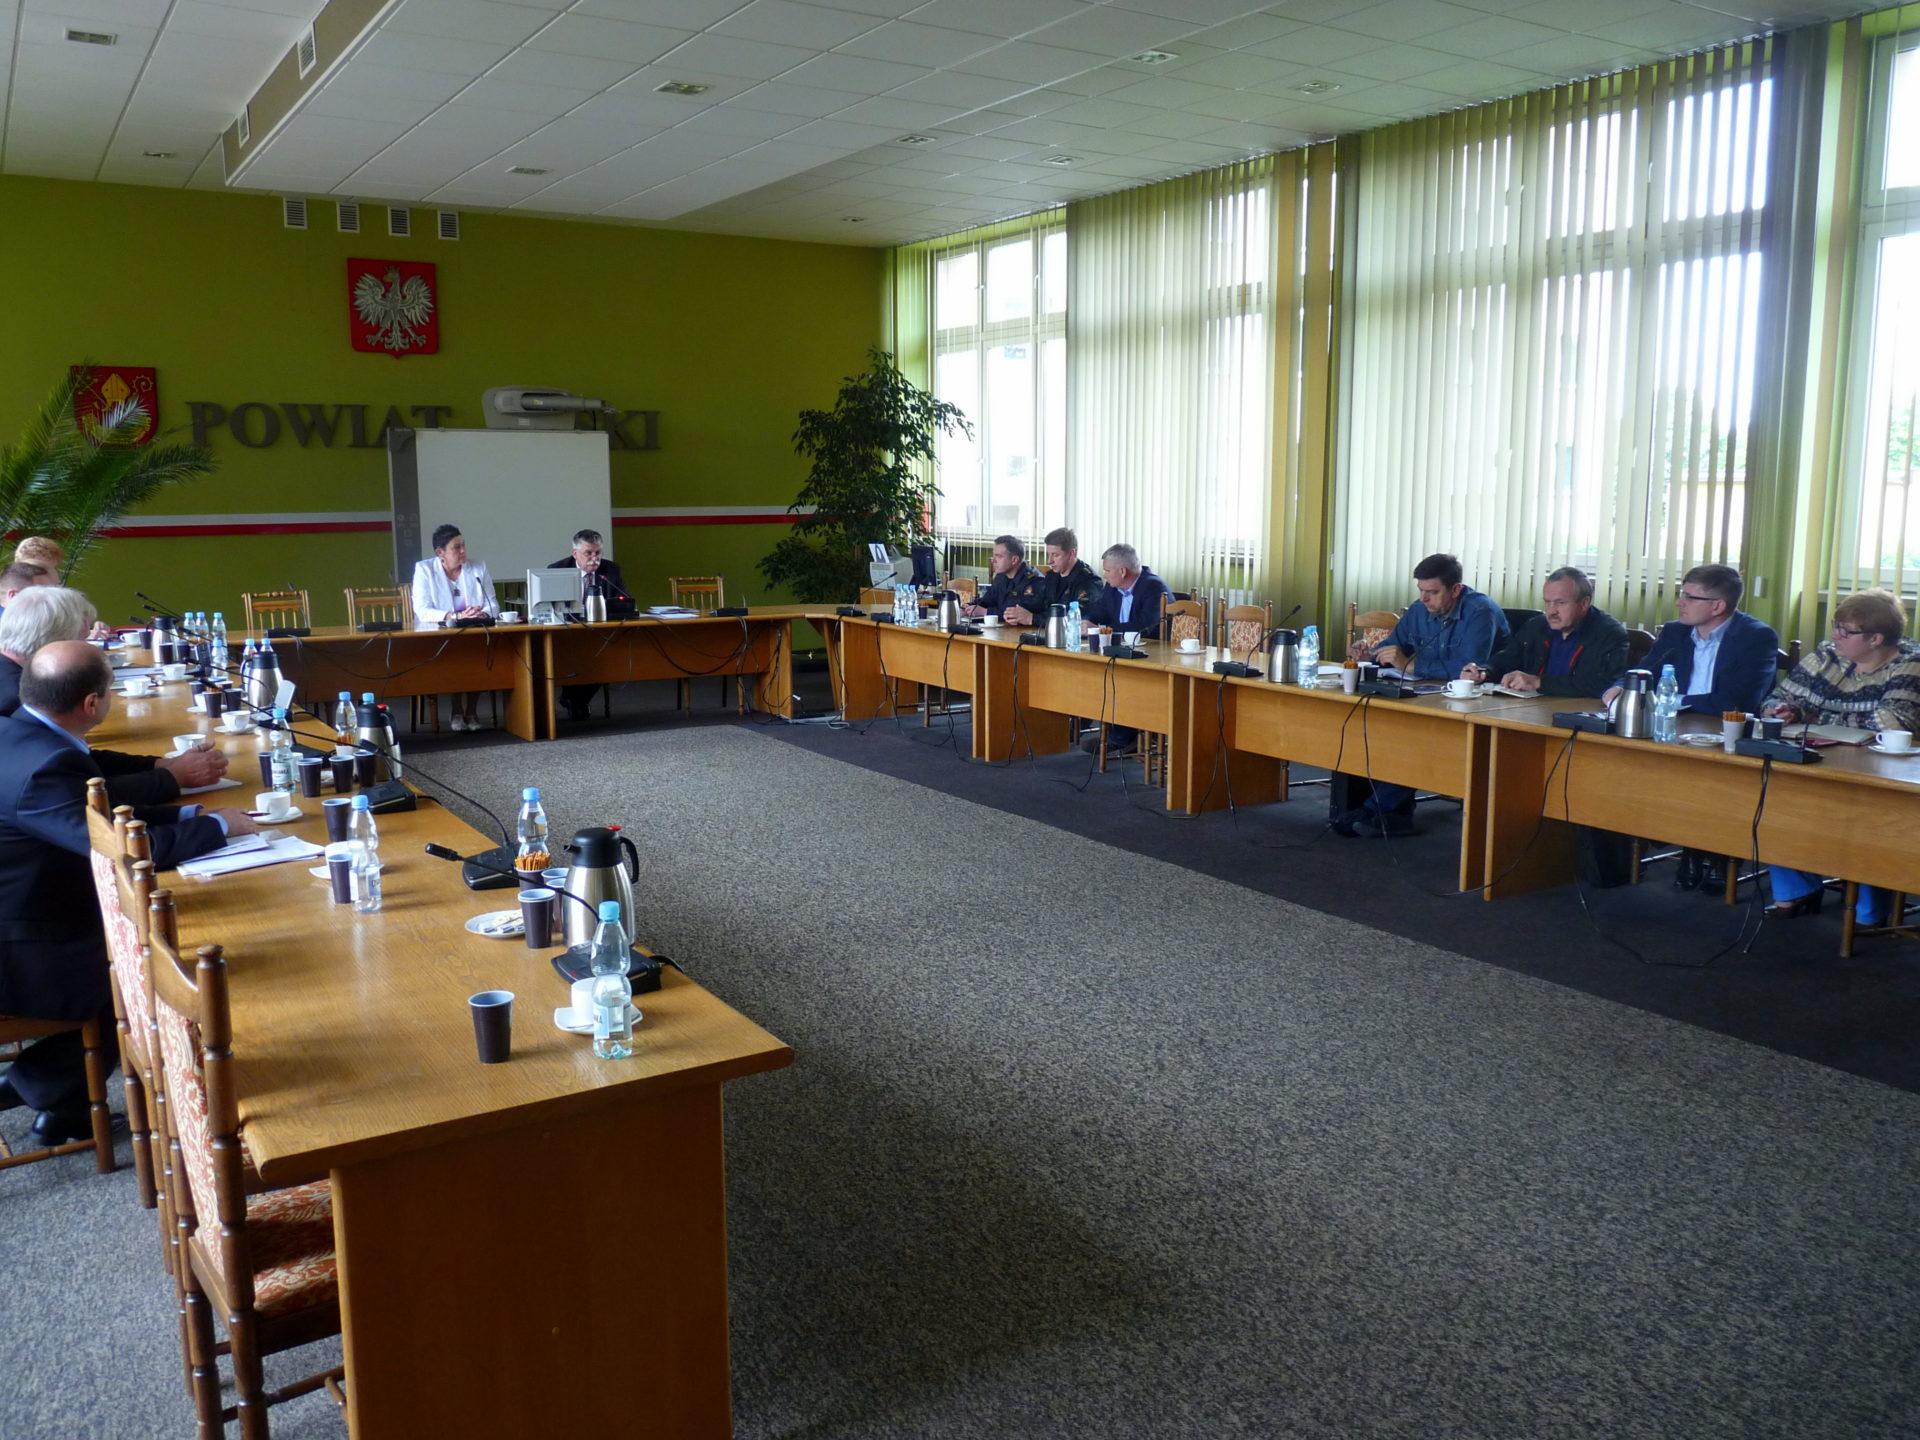 Komisja Bezpieczeństwa i Zespół Zarządzania Kryzysowego